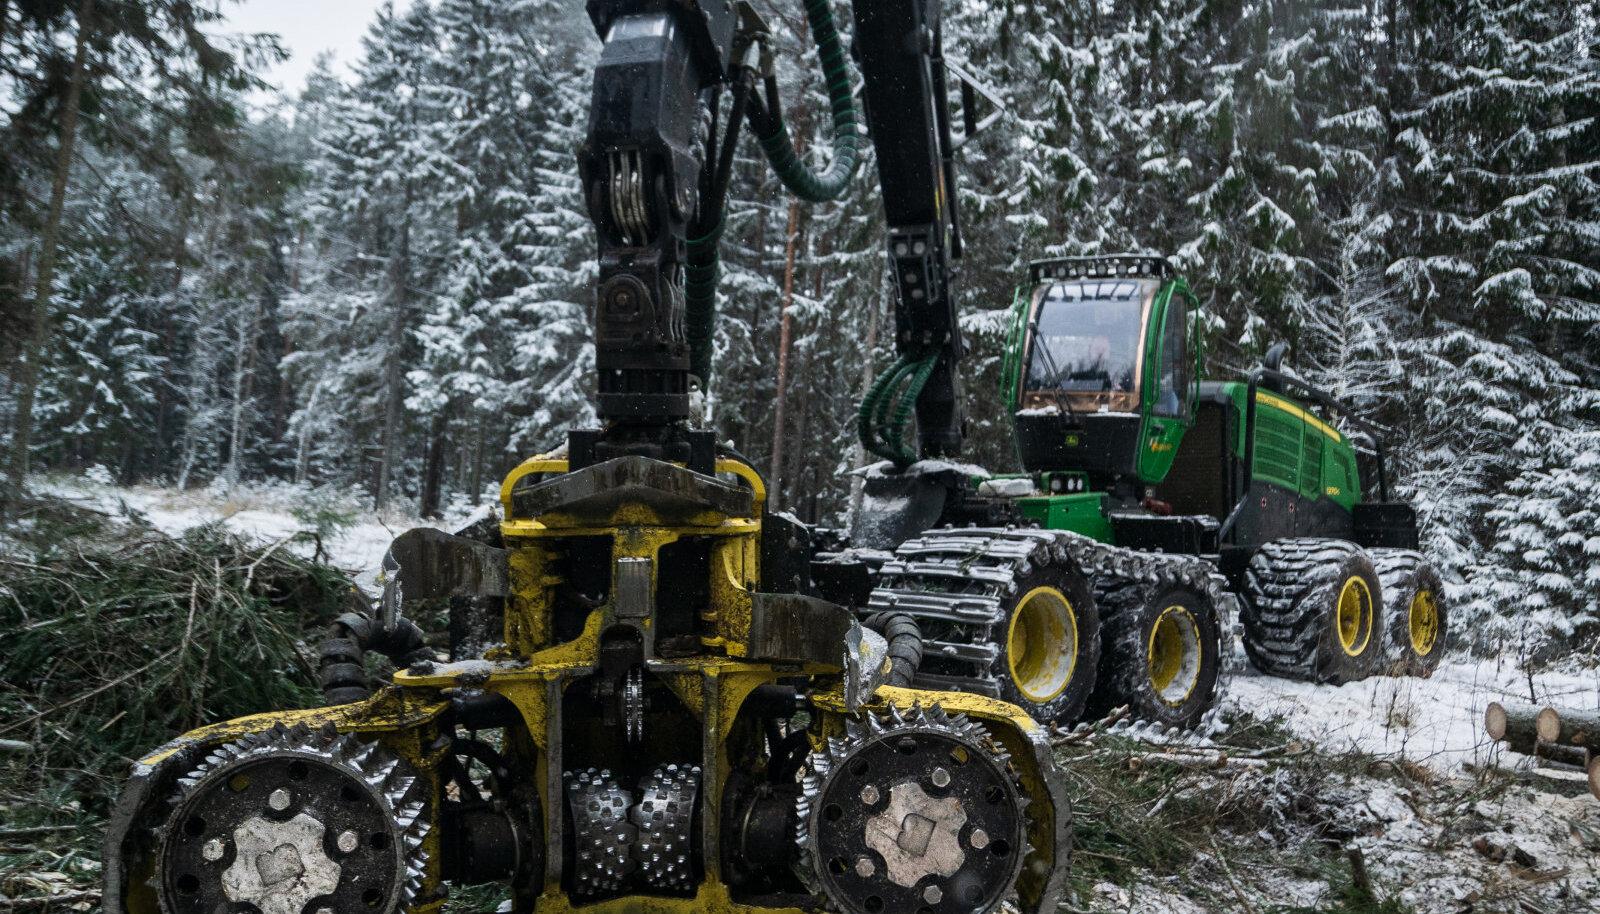 Kliendid kiidavad - Aarman Puit OÜ langetustraktorile eritellimusena valmistatud veorullid langetasid märkimisväärselt võimsa metsalangetustraktori kütusekulu ja suurendasid tootlikkust.